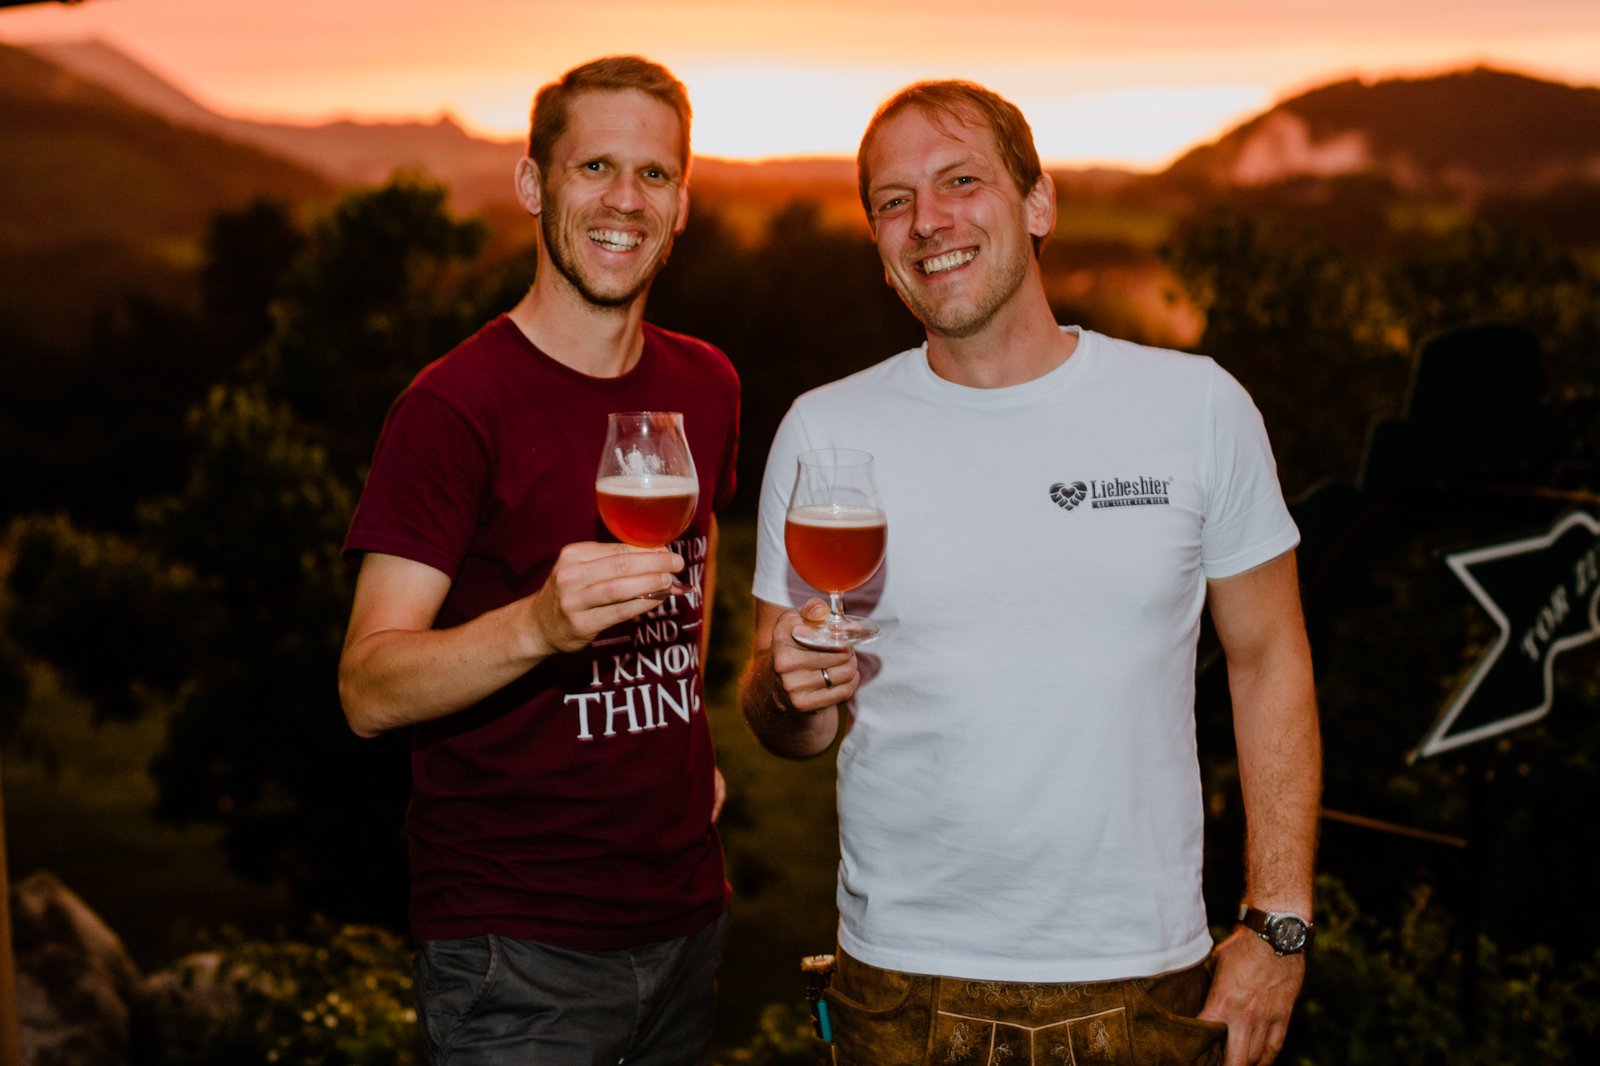 https://www.bier-ok.at/wp-content/uploads/2020/07/bier-ok-biersorten-kennenlernen-bierverkostung-salzburg.jpg